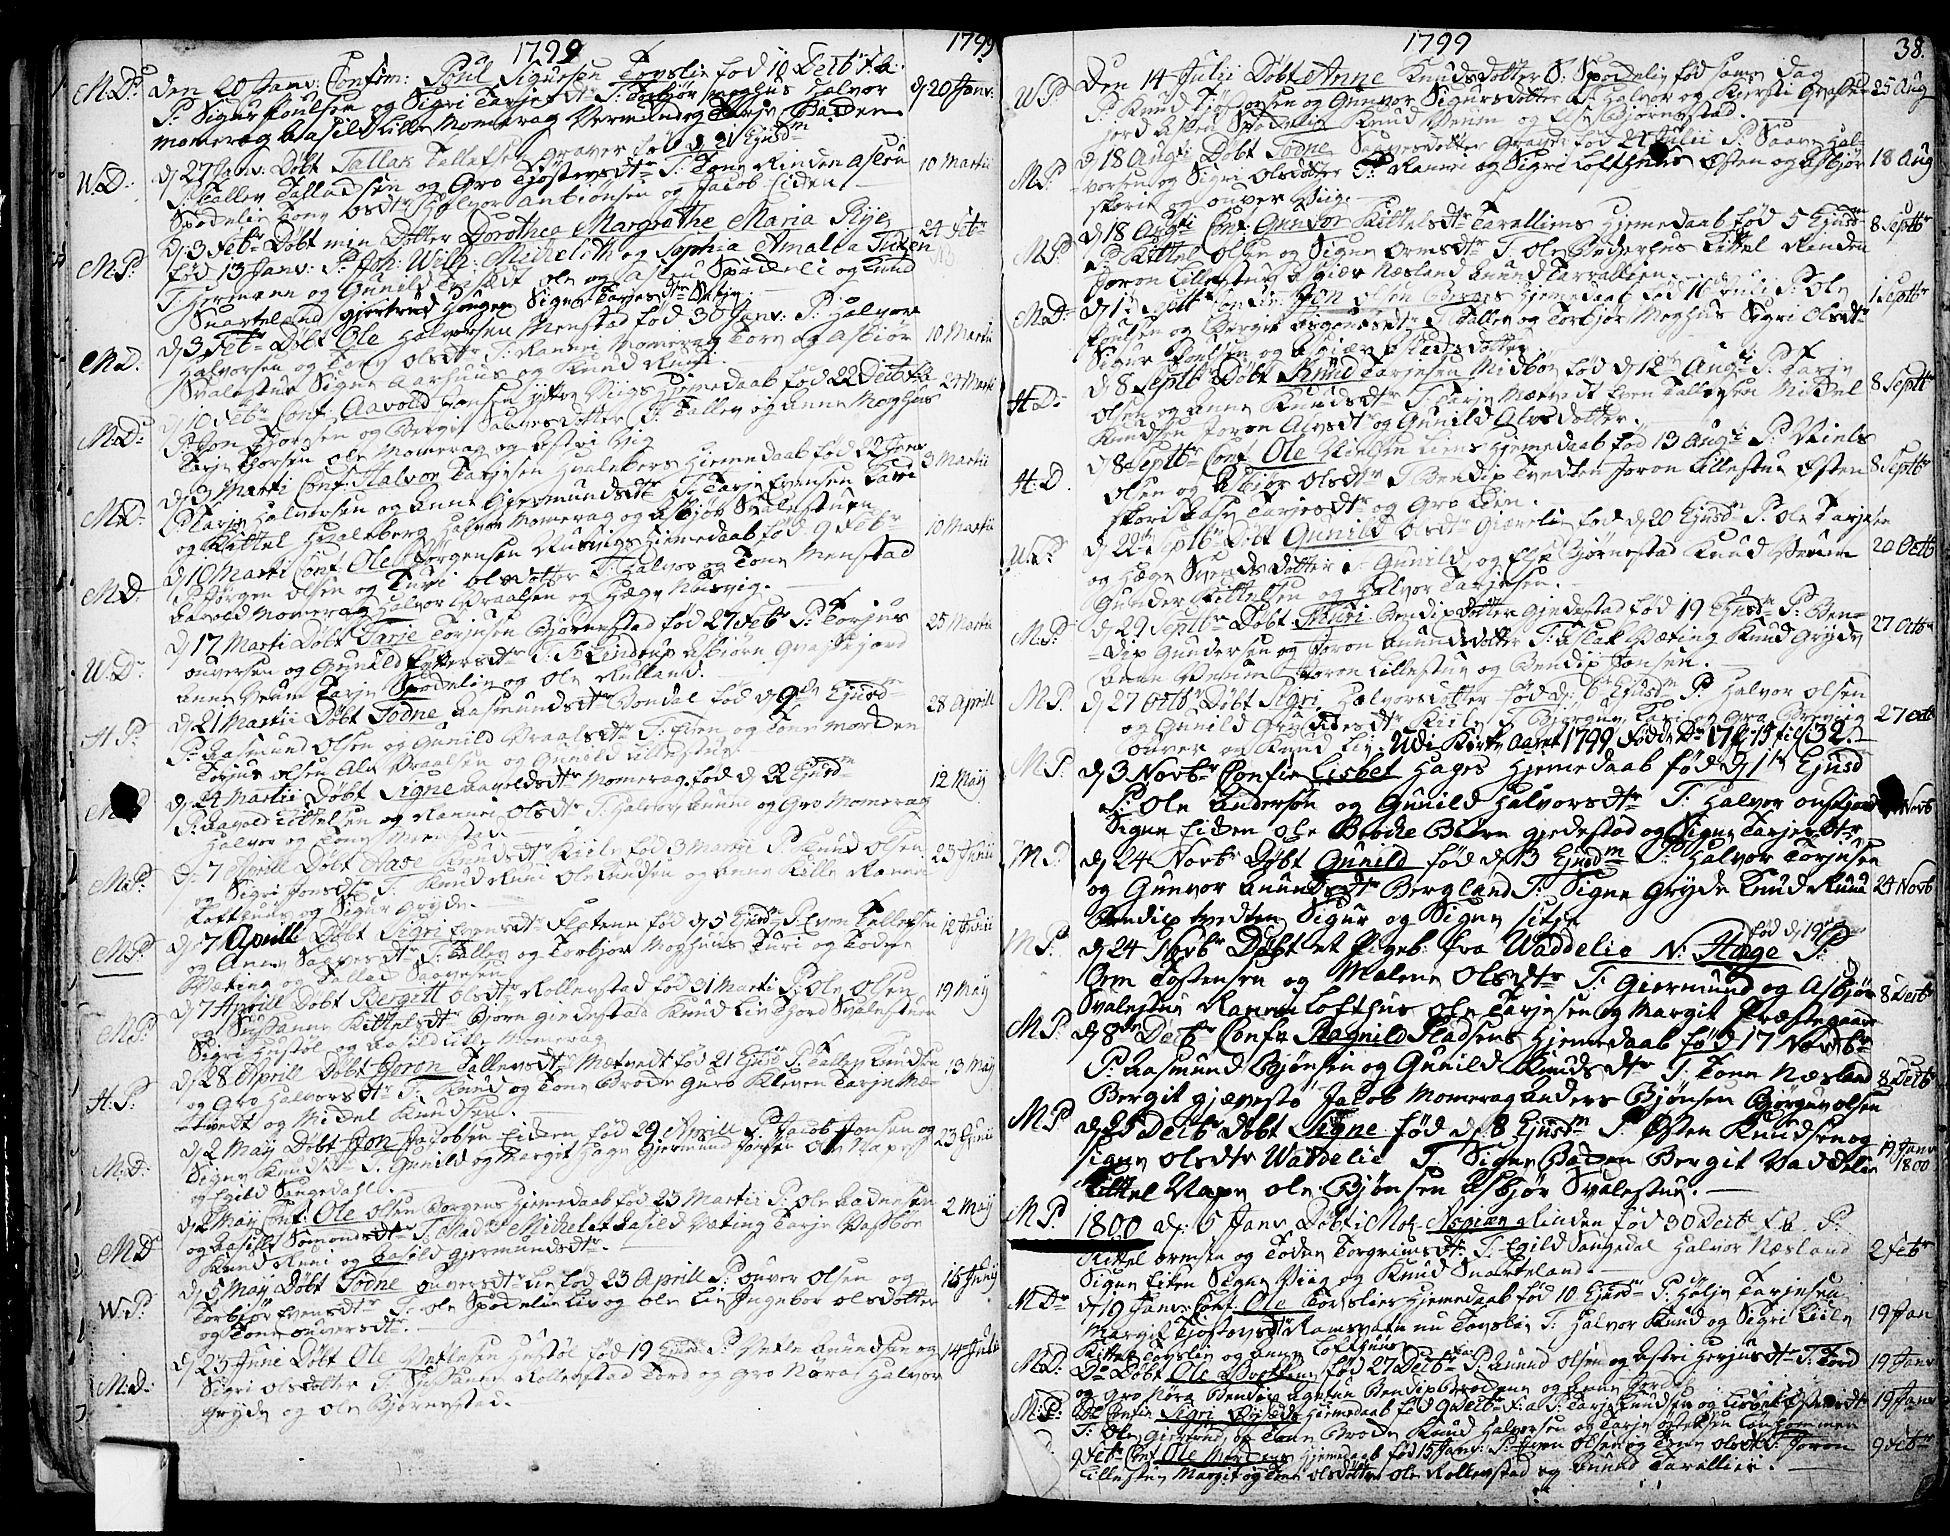 SAKO, Fyresdal kirkebøker, F/Fa/L0002: Ministerialbok nr. I 2, 1769-1814, s. 38